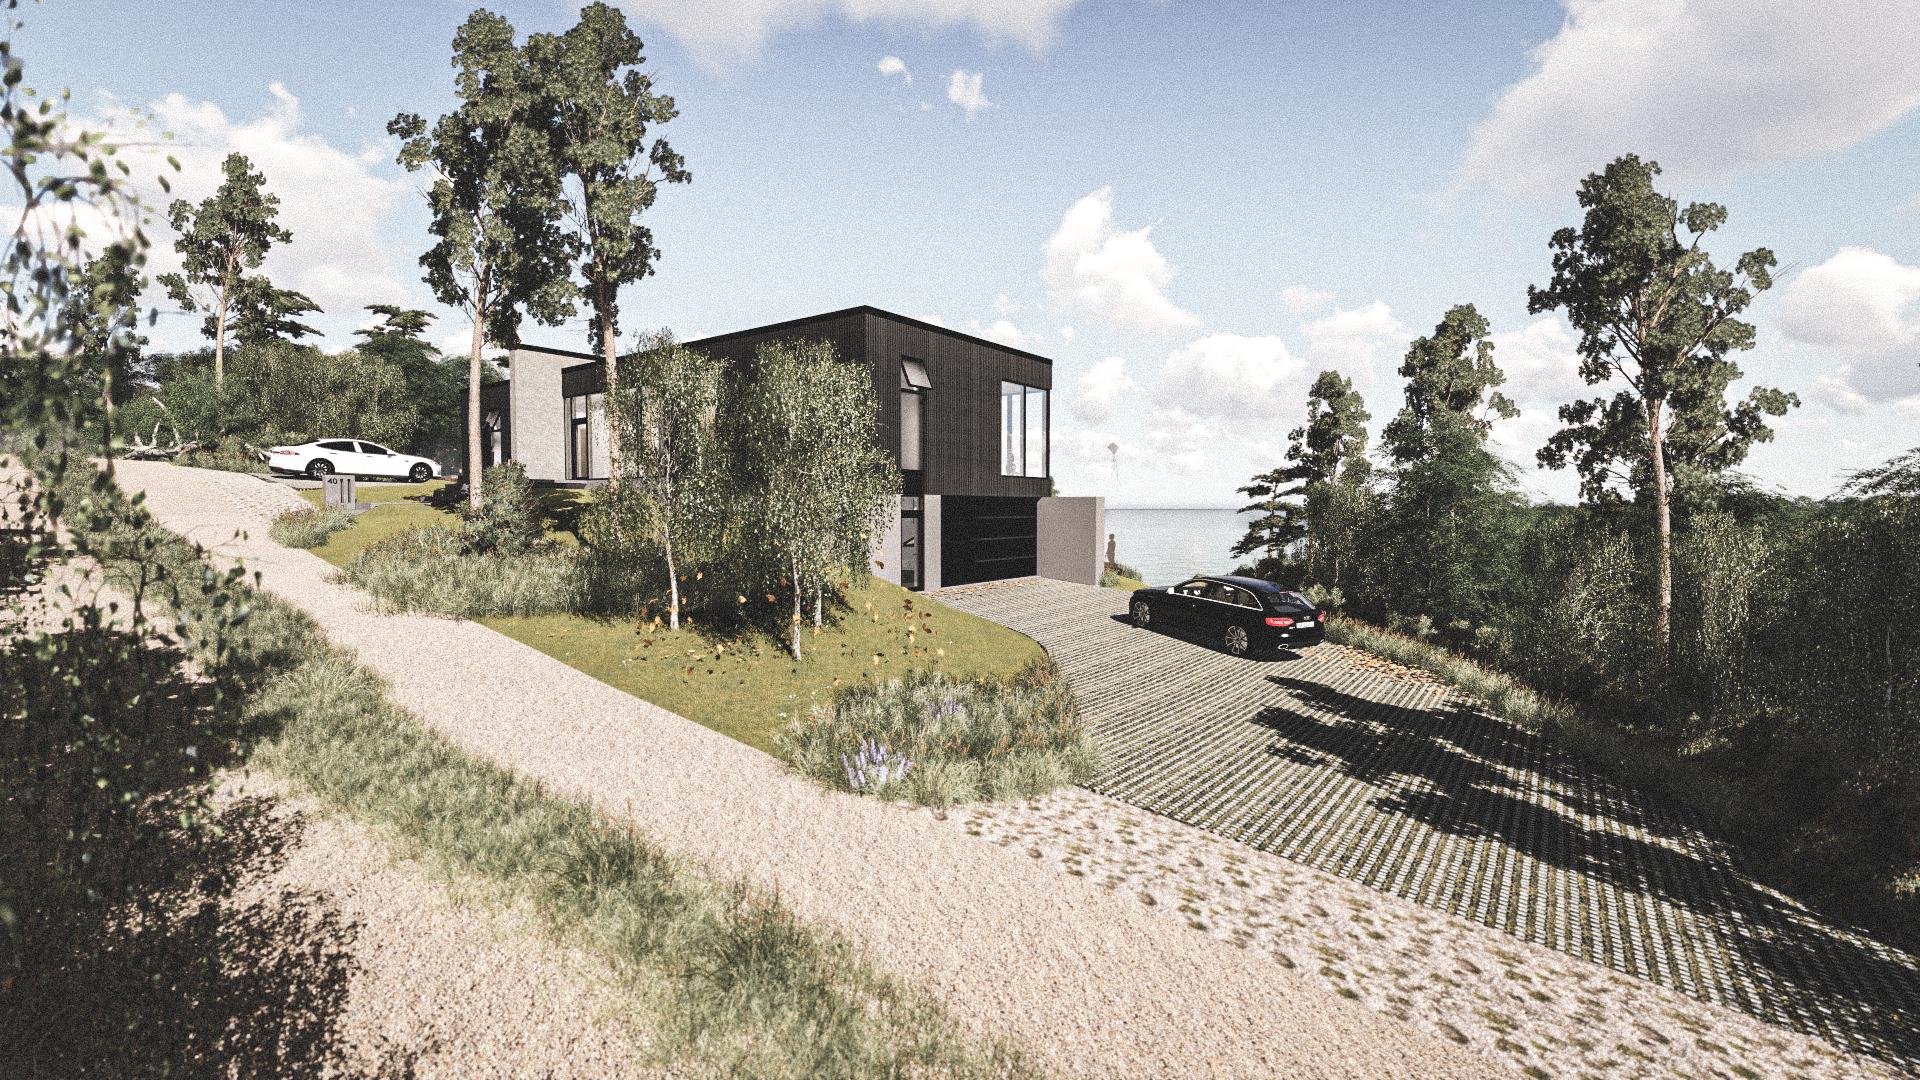 Billede af Dansk arkitekttegnet 2 plan villa af arkitektfirmaet m2plus, i Silkeborg på 262 kvartratmeter.